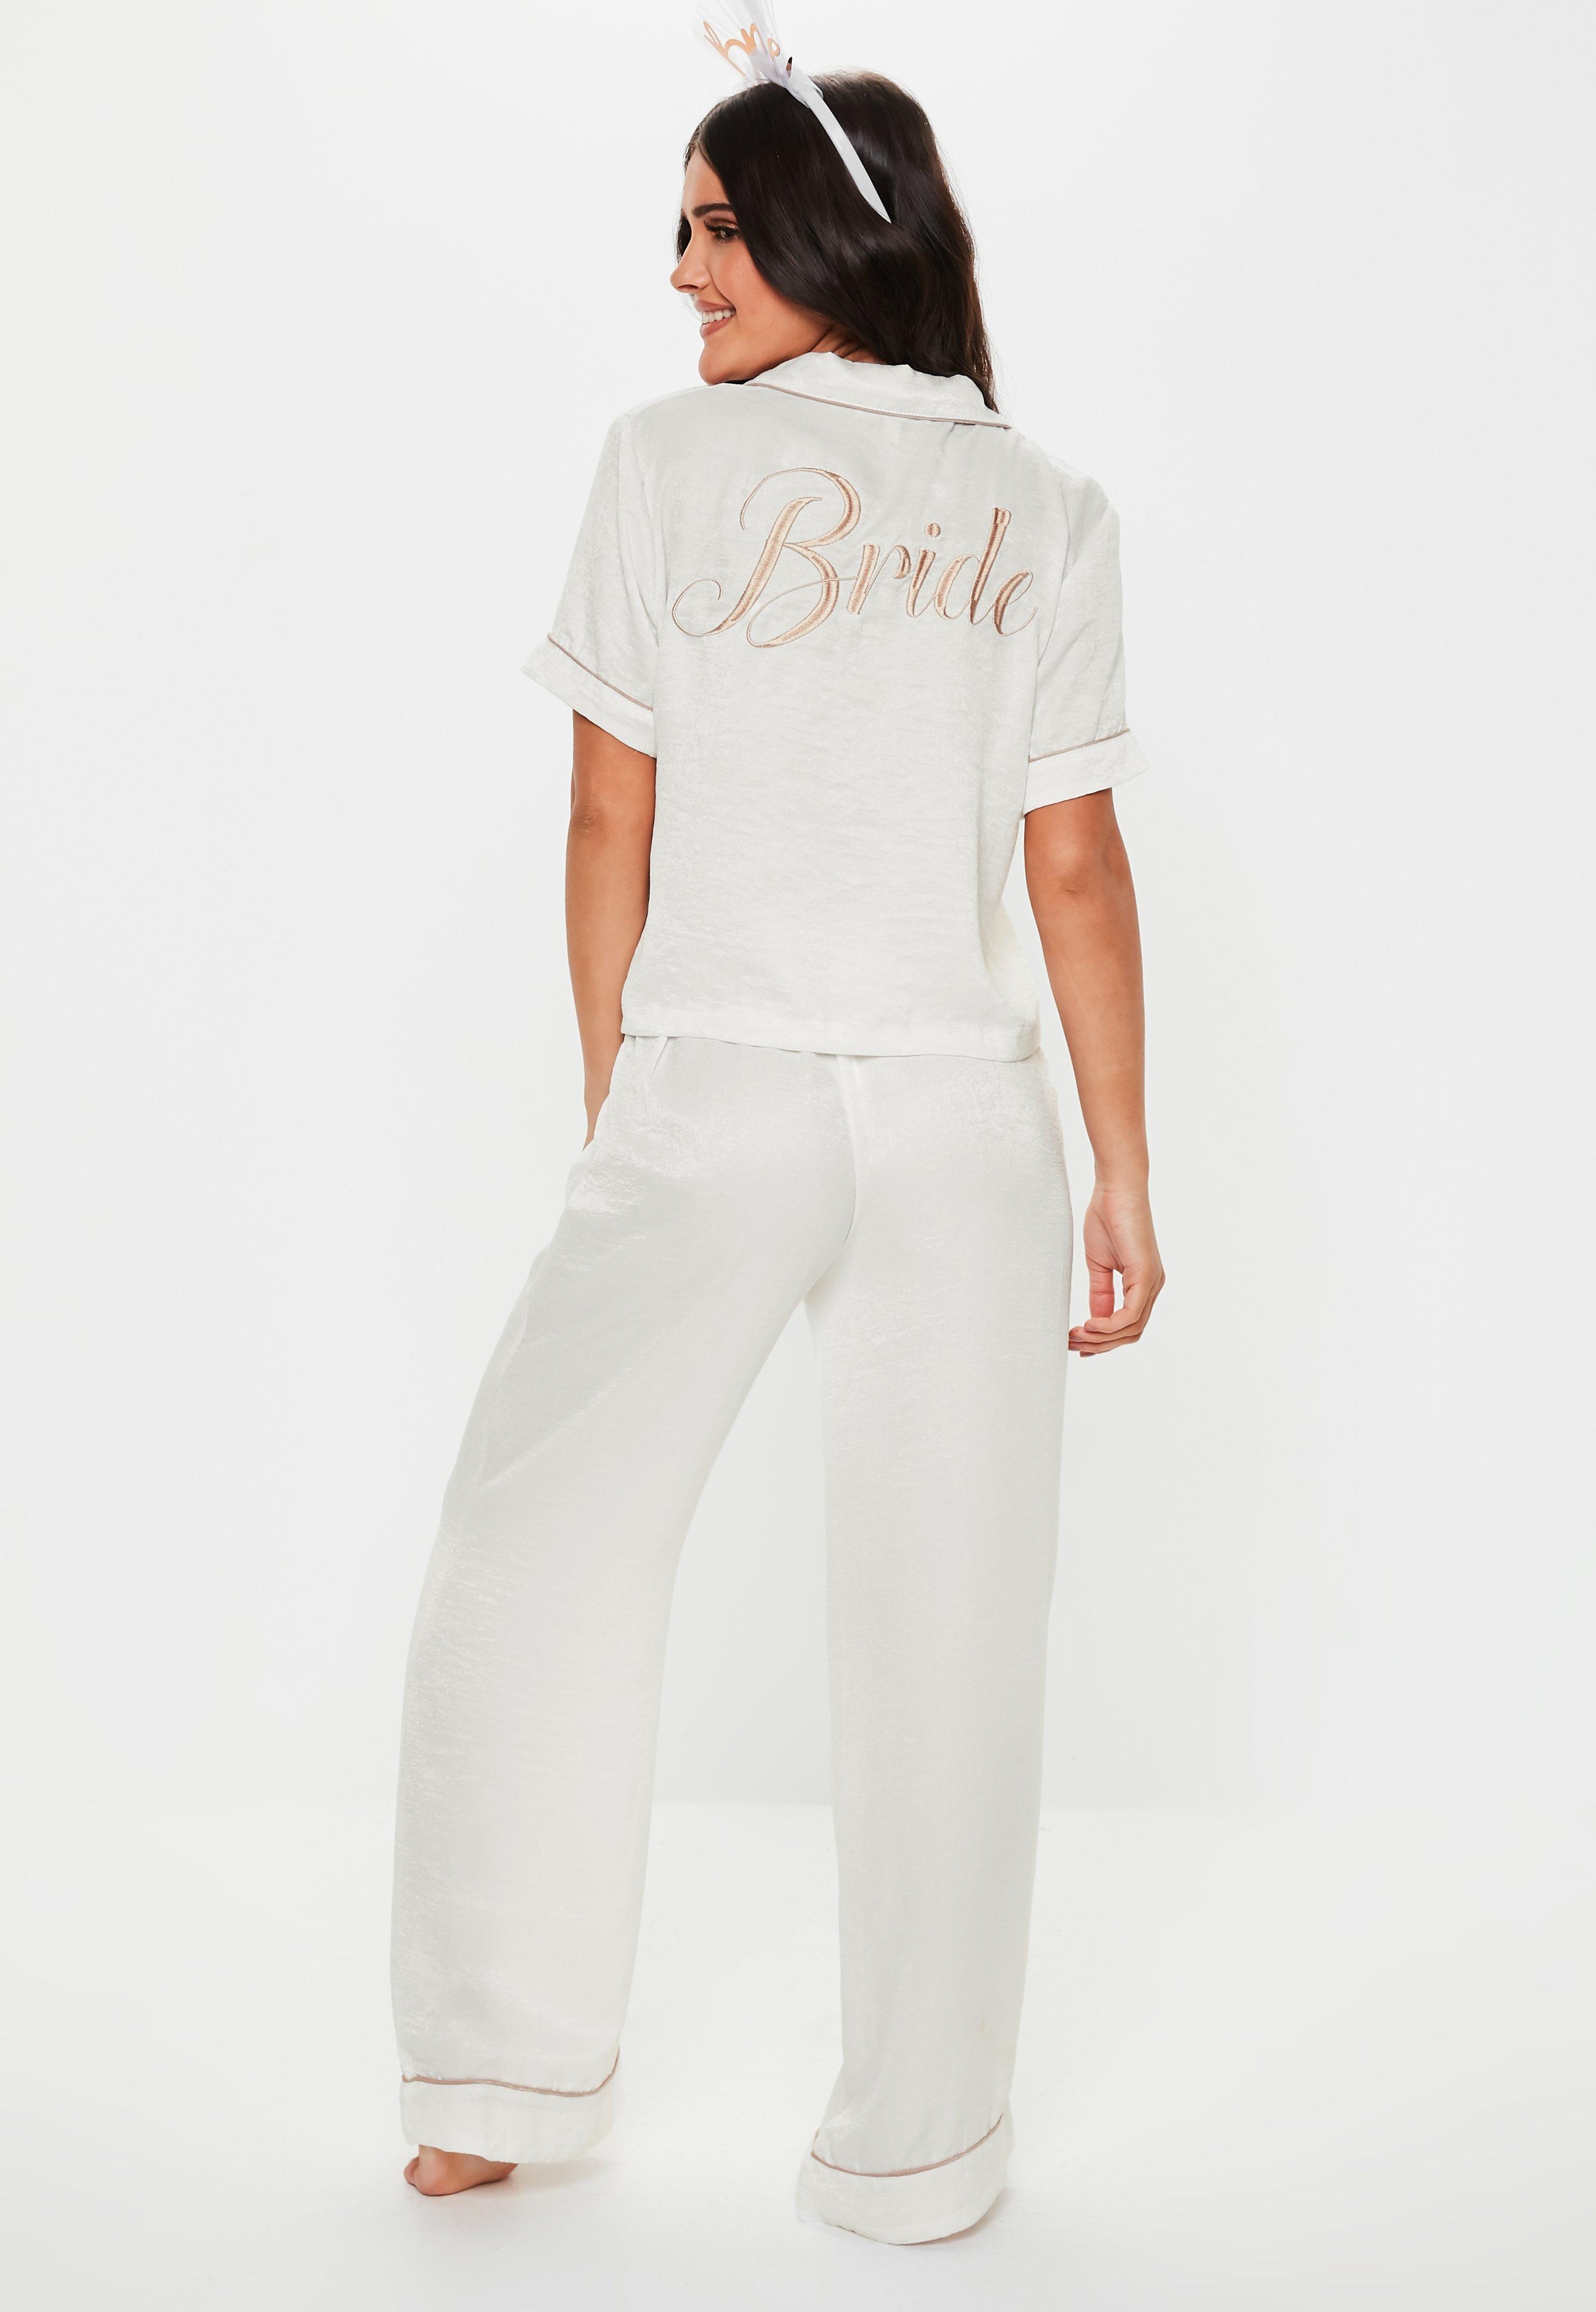 b547e6499da Women s Sleepwear   Nightwear - Missguided Australia